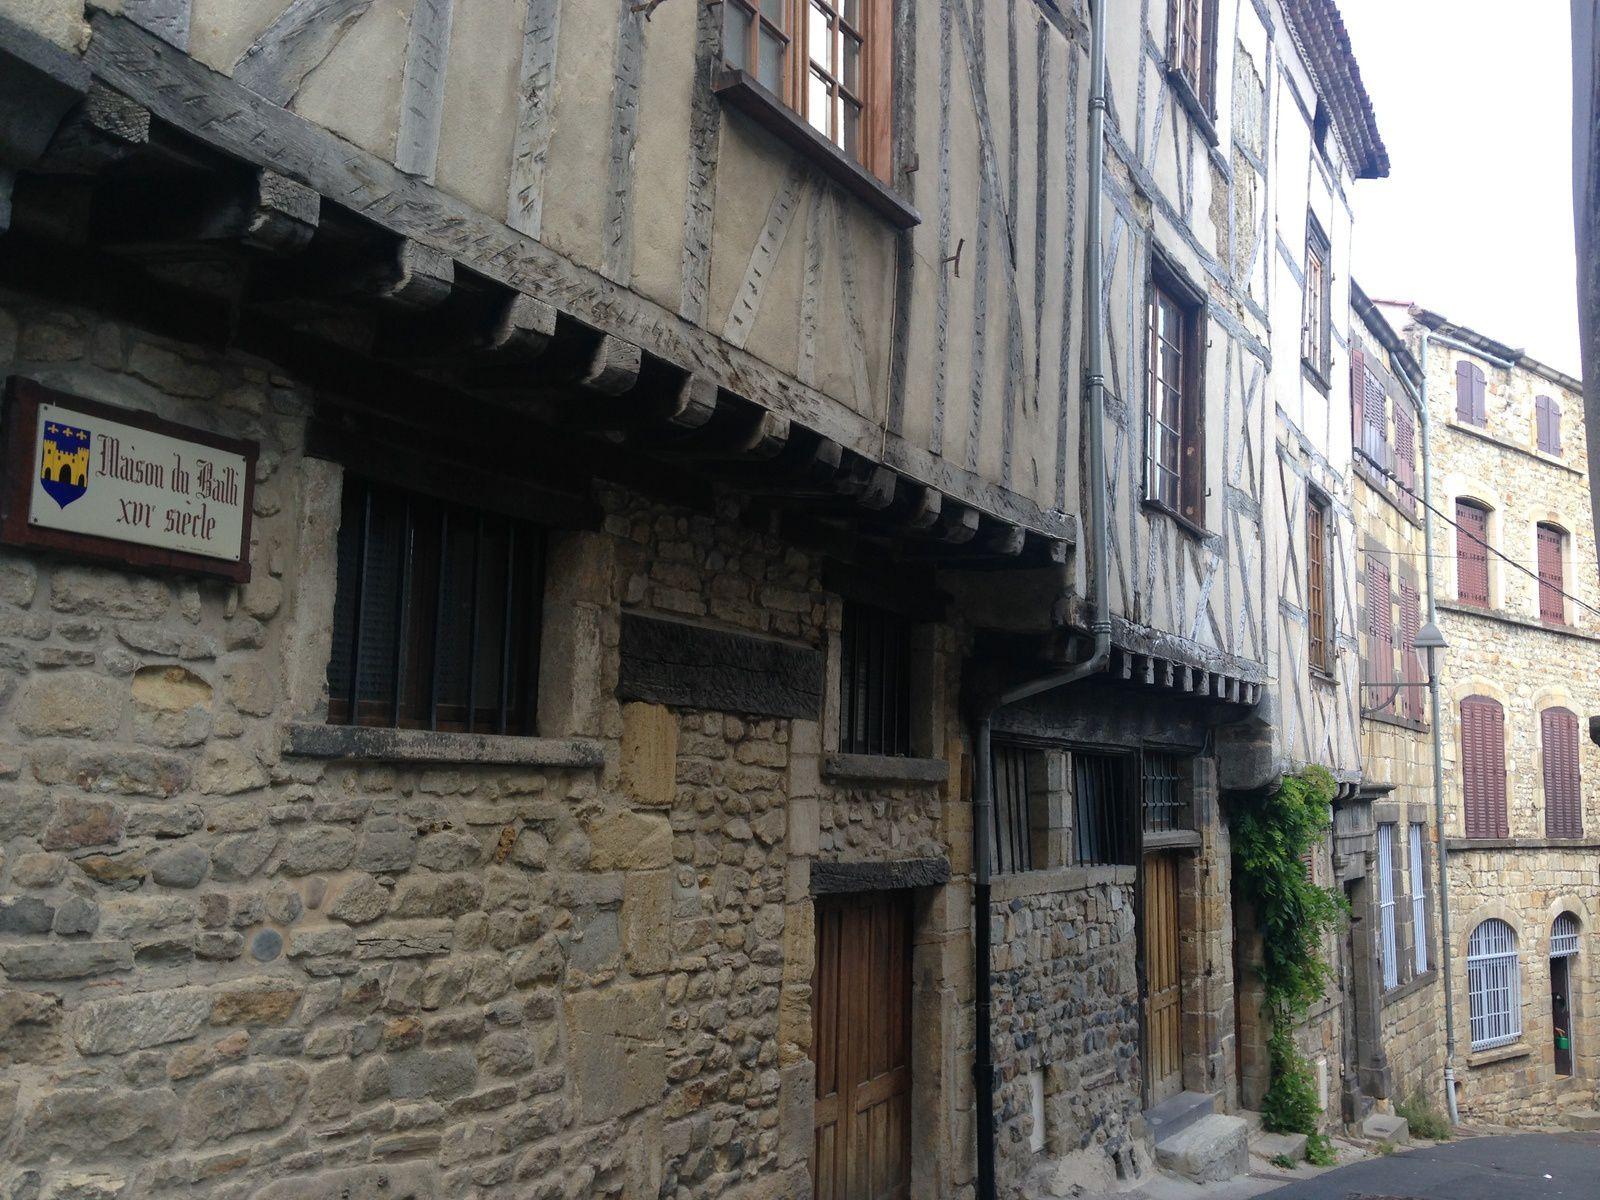 Maisons du vieux Billom médiéval, maisons de pierres ou à colombages  Billom, Auvergne, Puy de dôme, France.